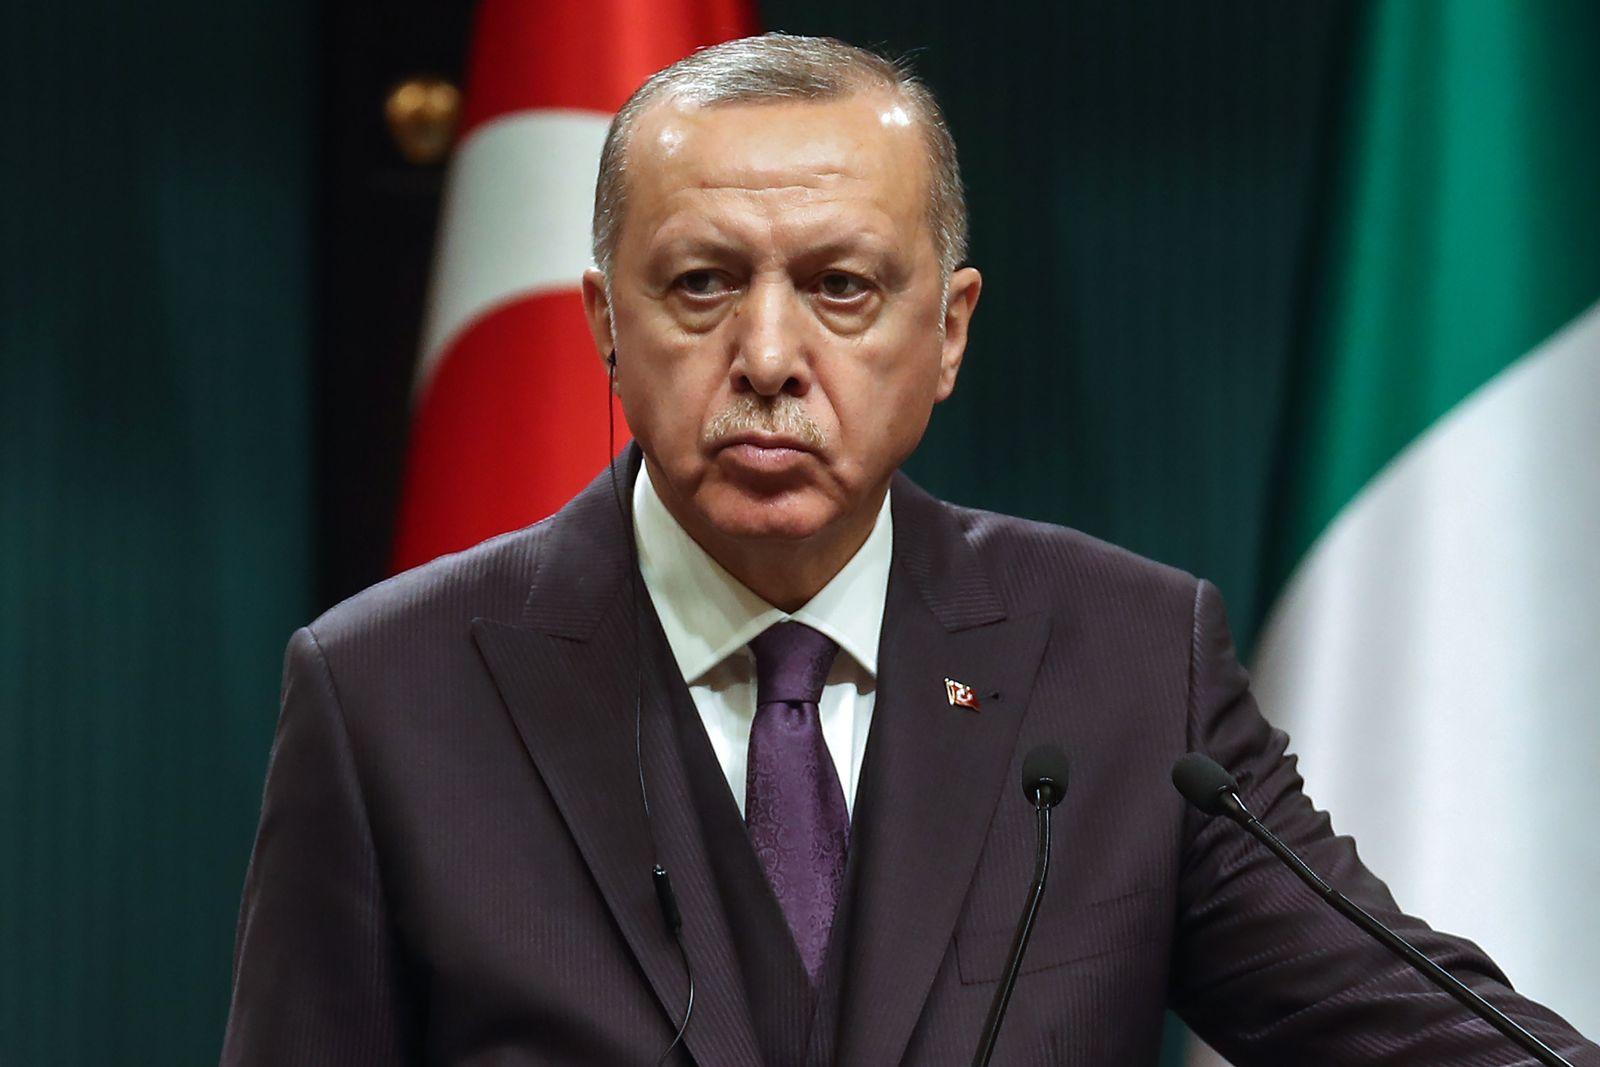 TURKEY-ITALY-DIPLOMACY